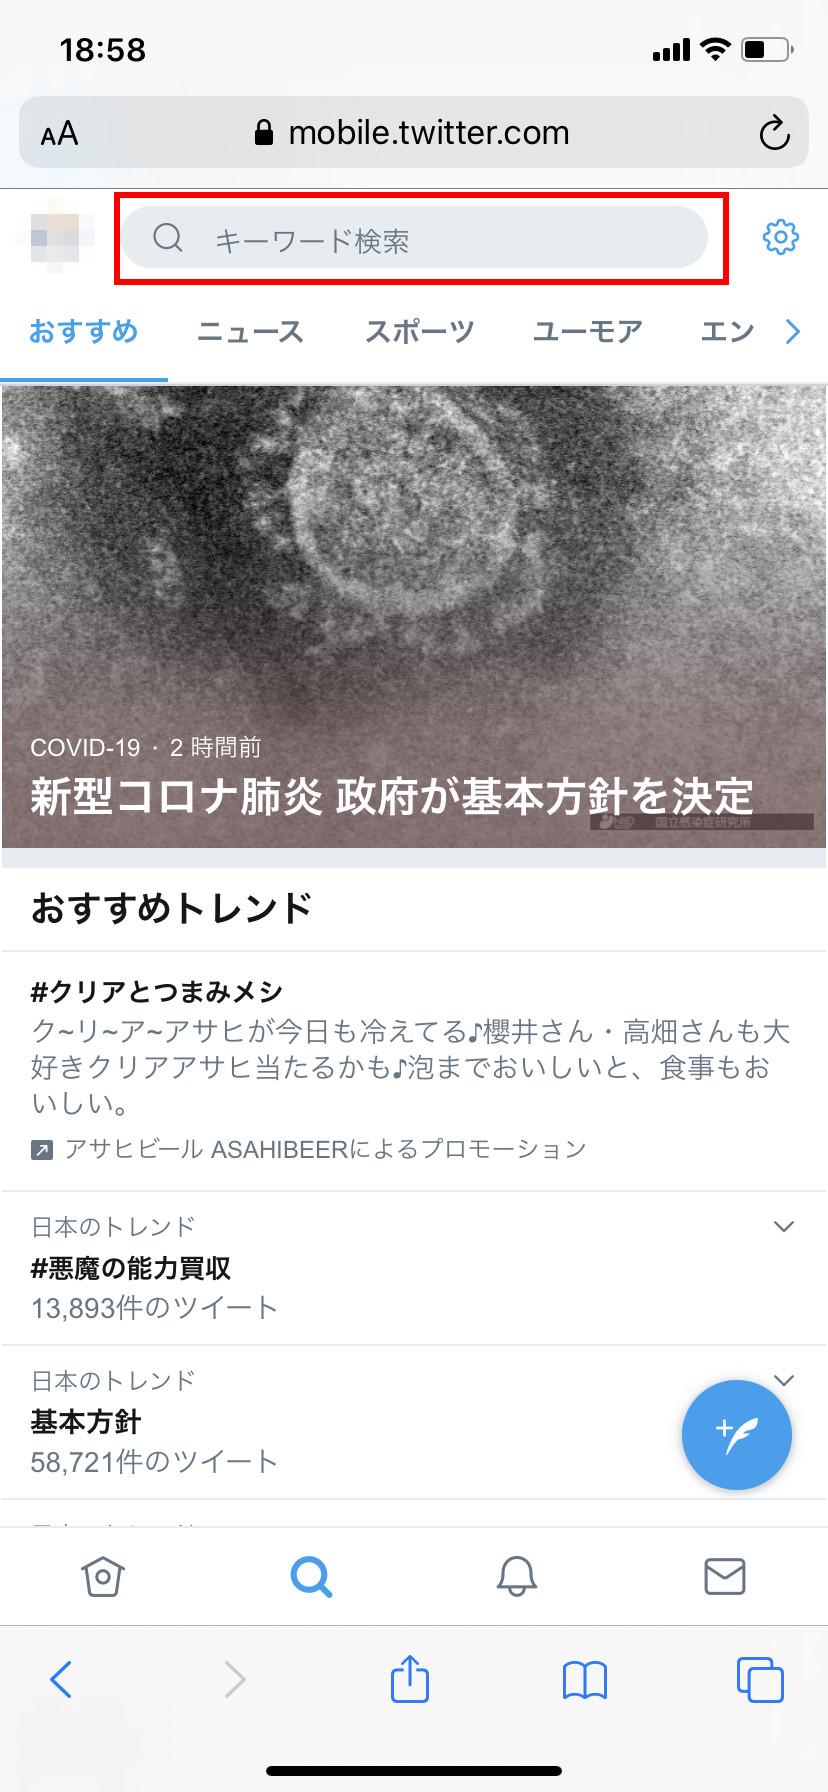 Twitter ブラウザ版検索フォーム